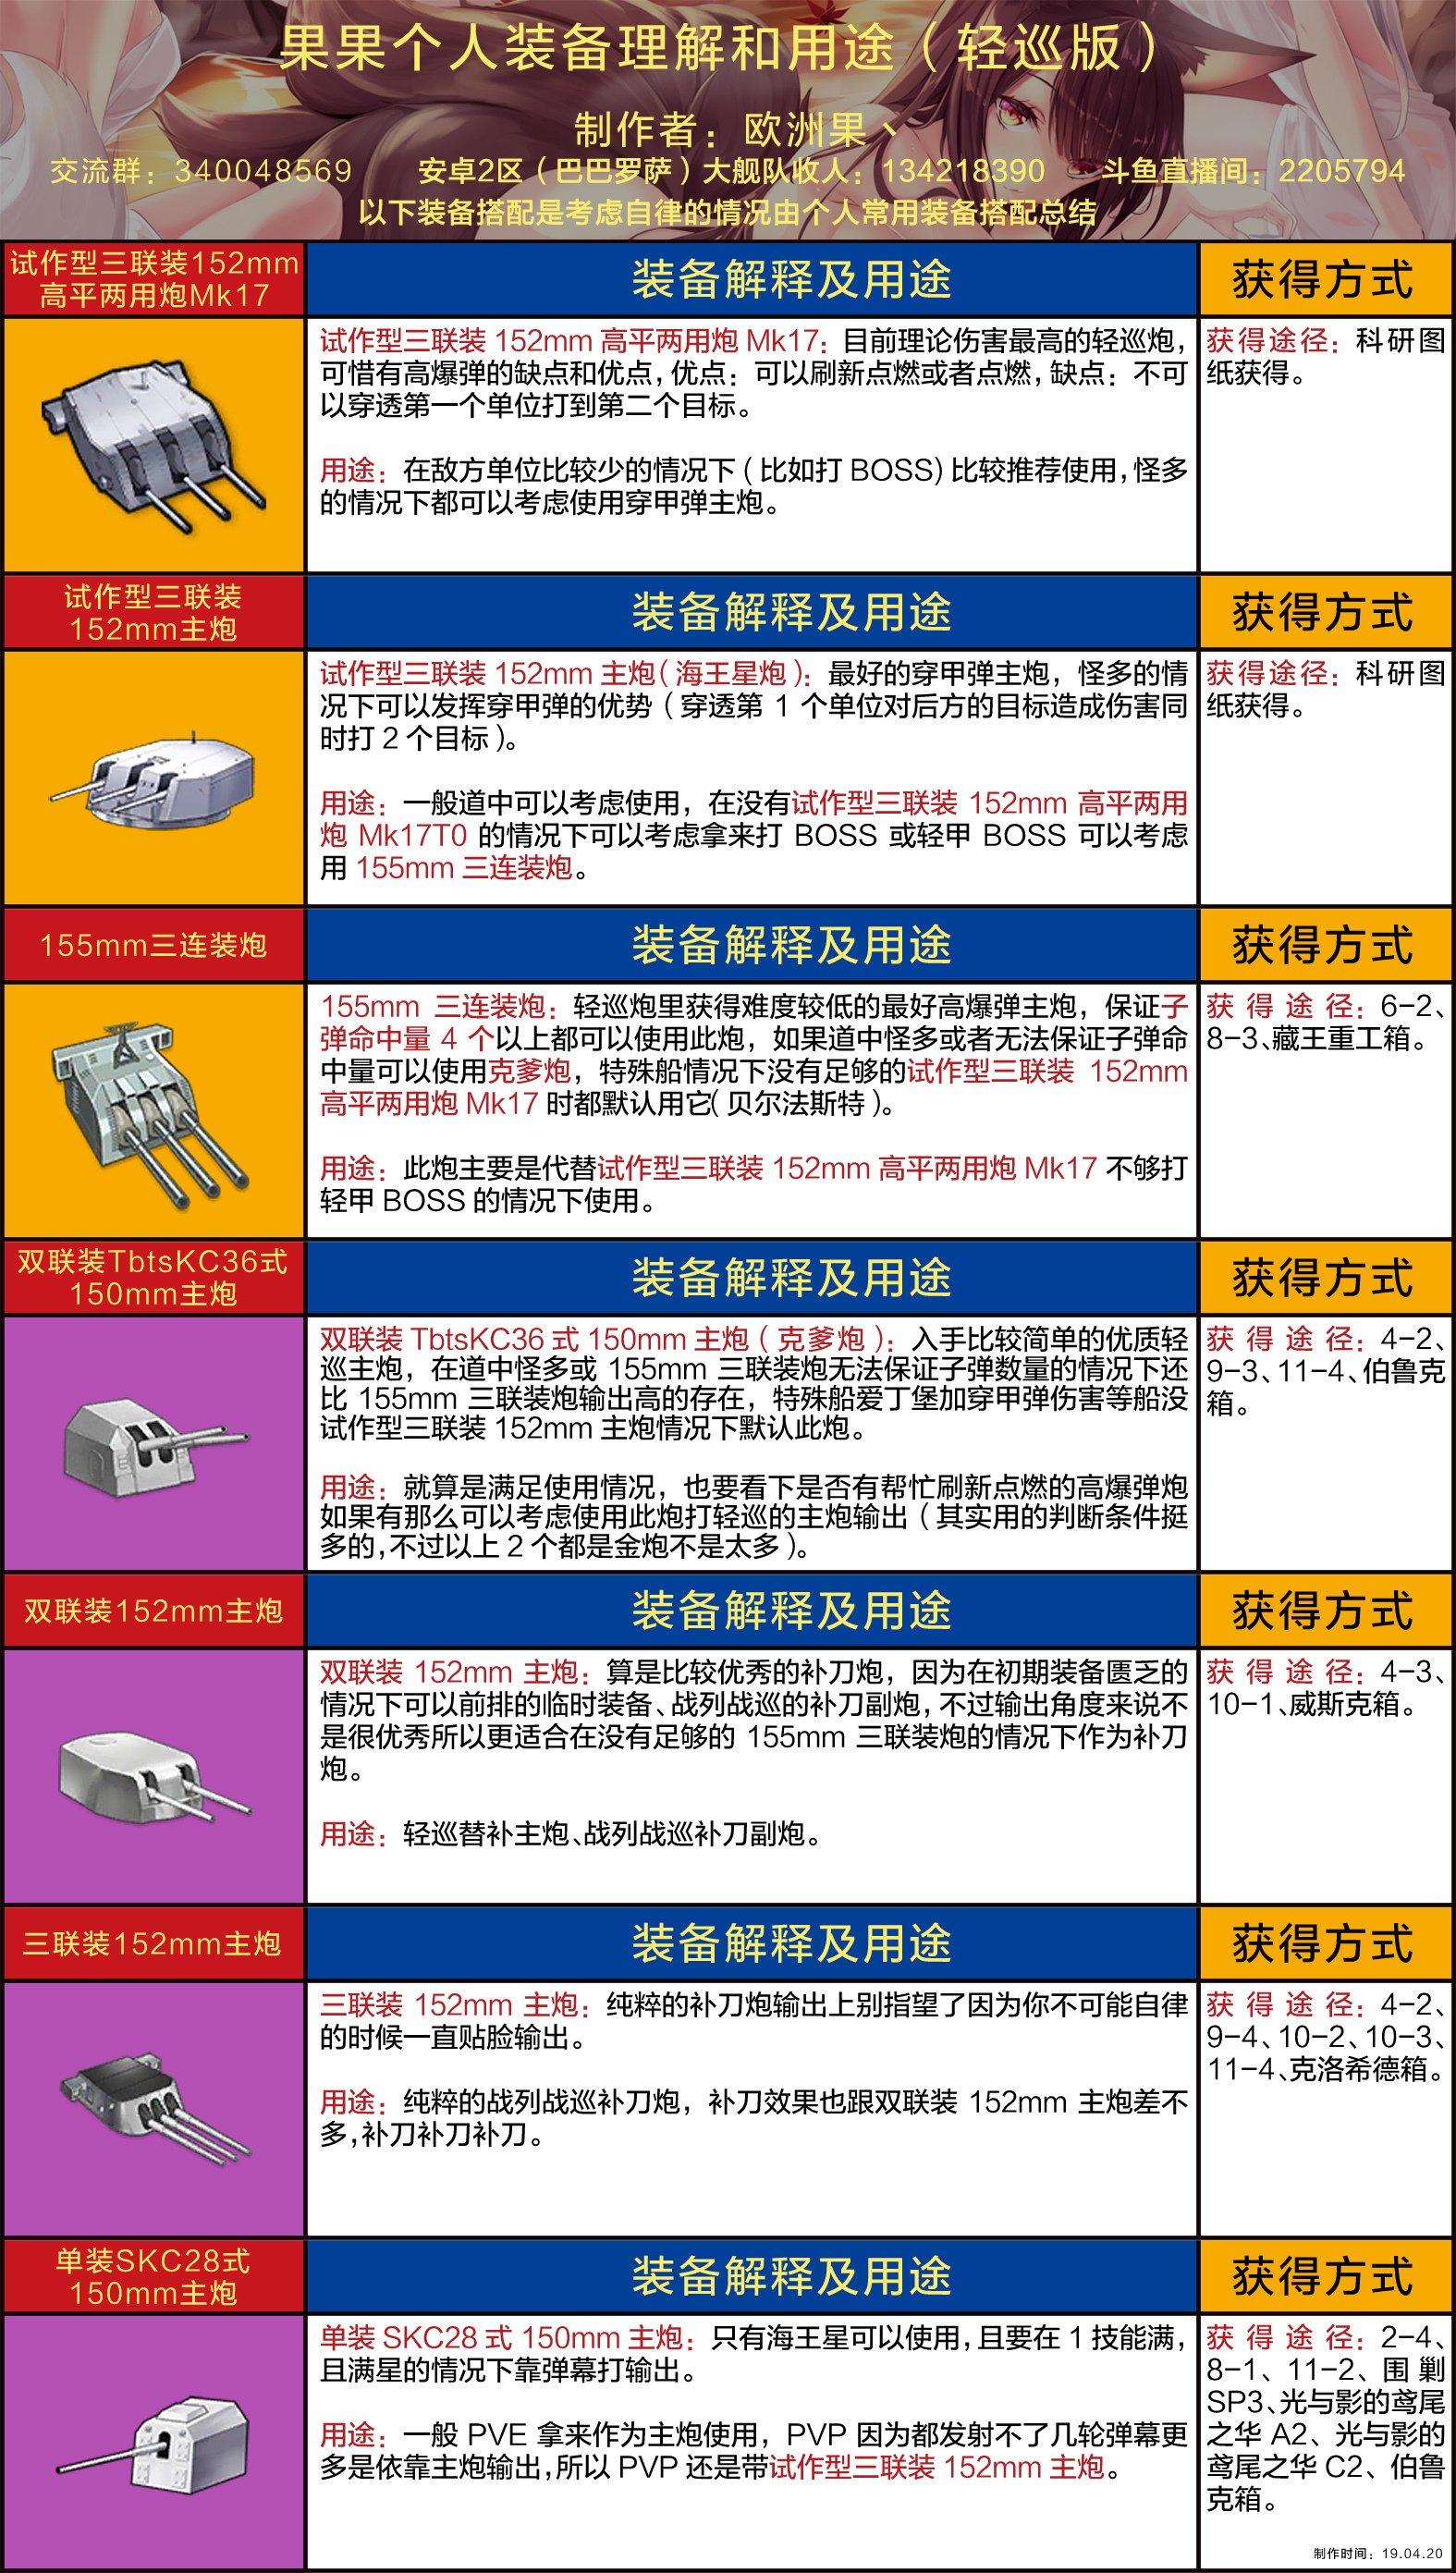 果果个人装备理解和用途(轻巡版wiki).jpg